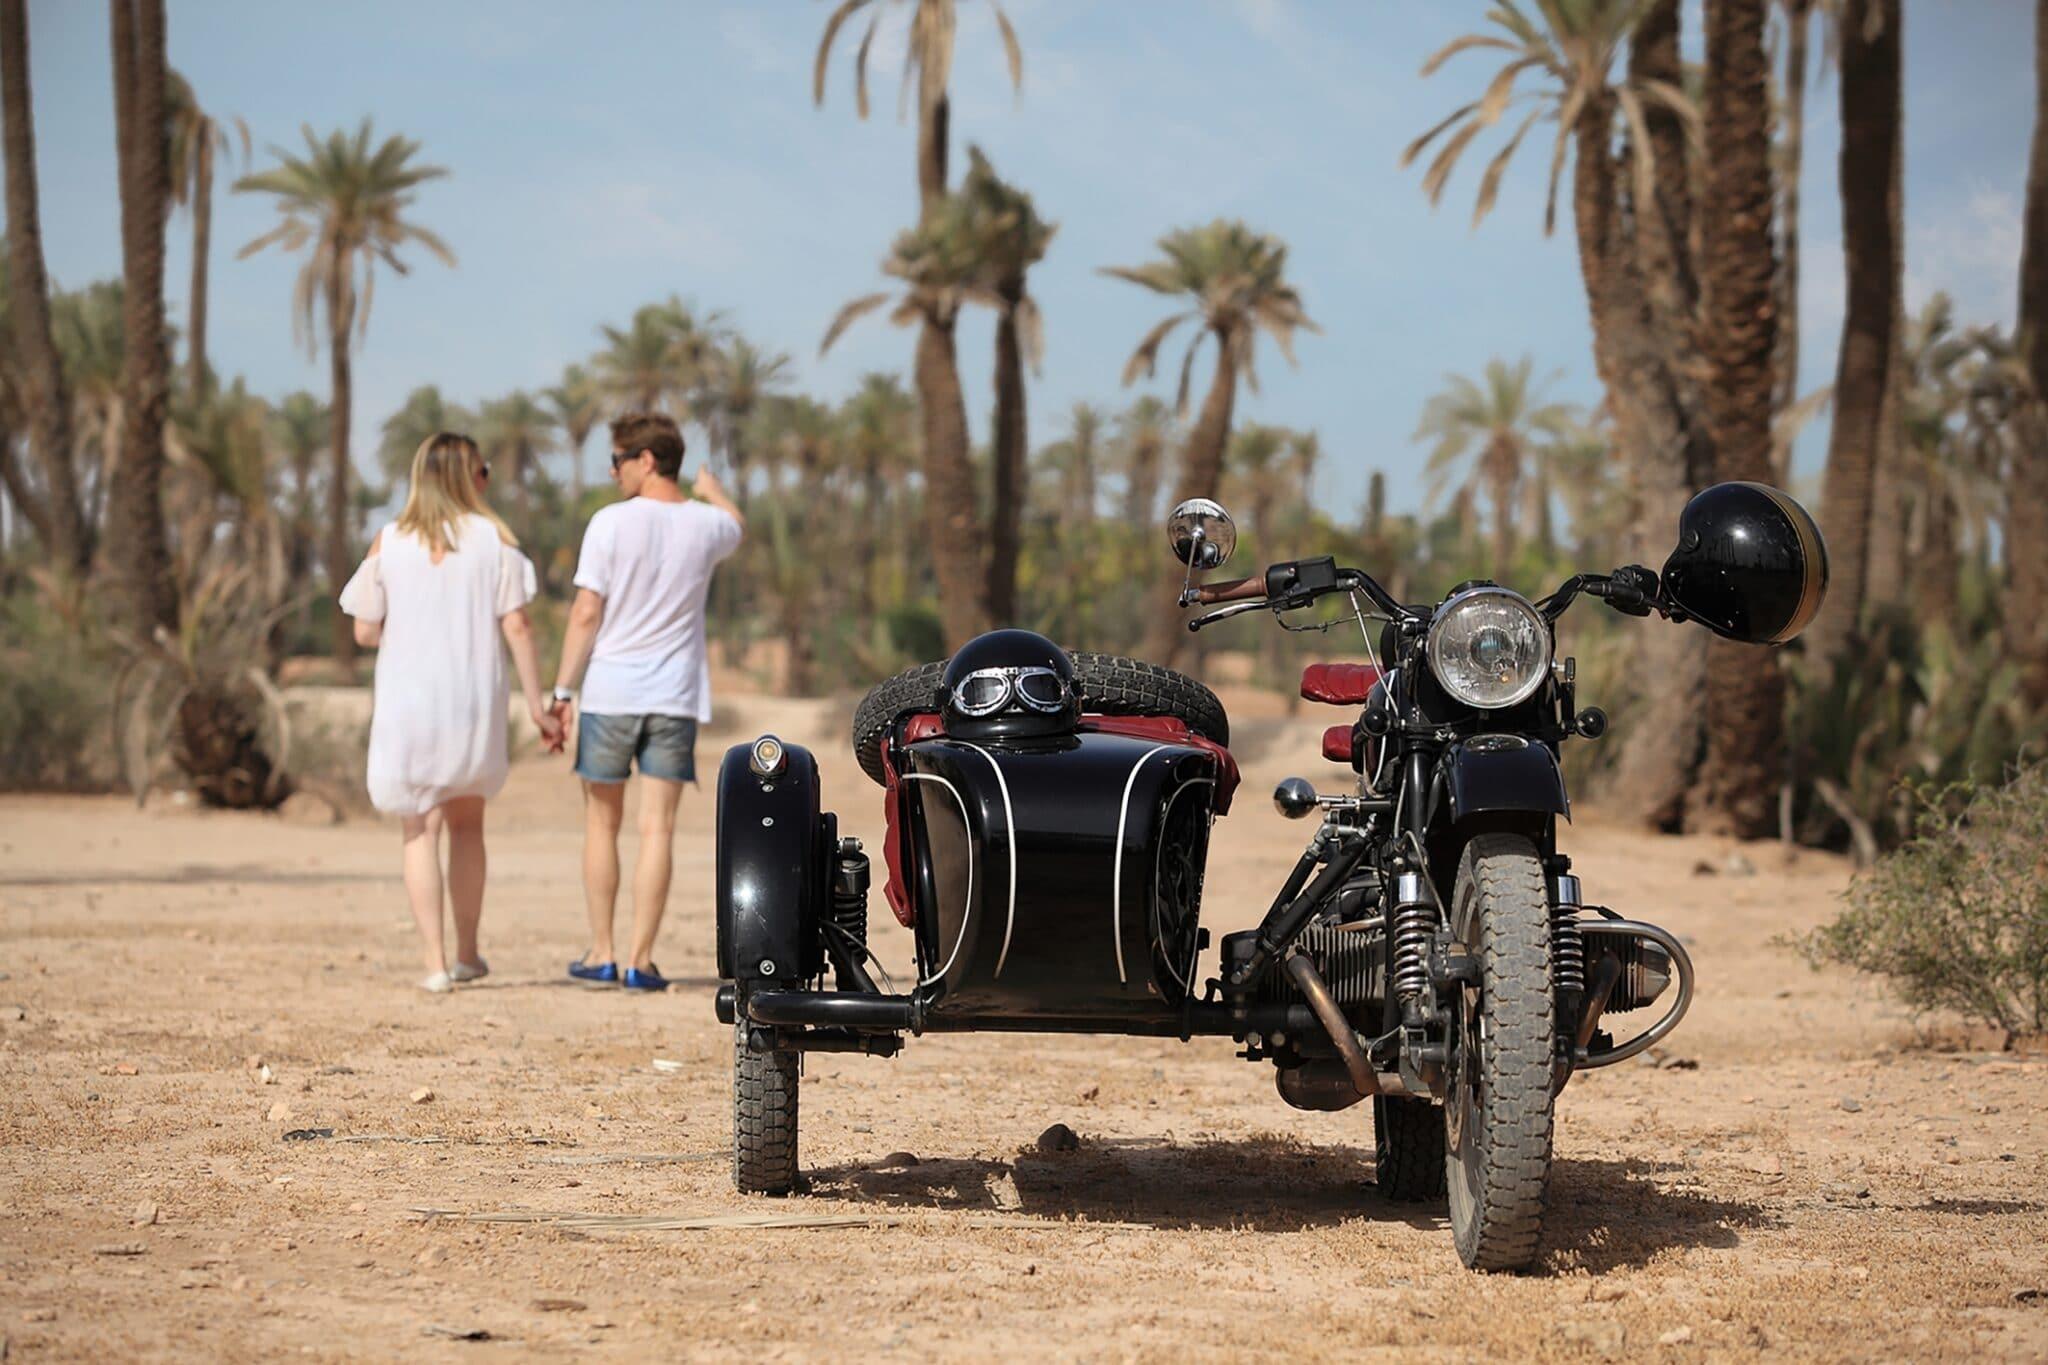 carrousel 2 hotel la -Sultana-Marrakech-side-car_m